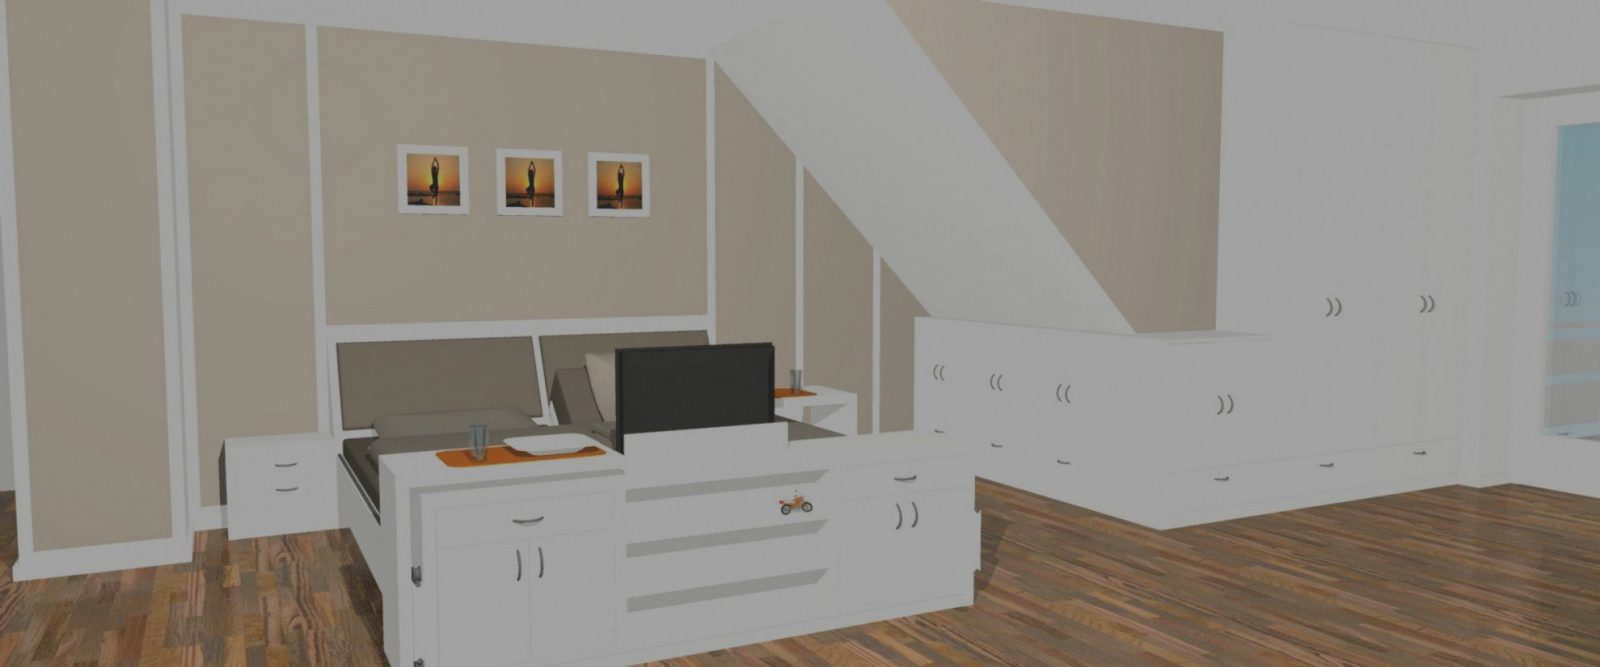 dekorationen stilvolle schlafzimmer ideen dachschr ge das neu von schlafzimmer ideen schr ge. Black Bedroom Furniture Sets. Home Design Ideas